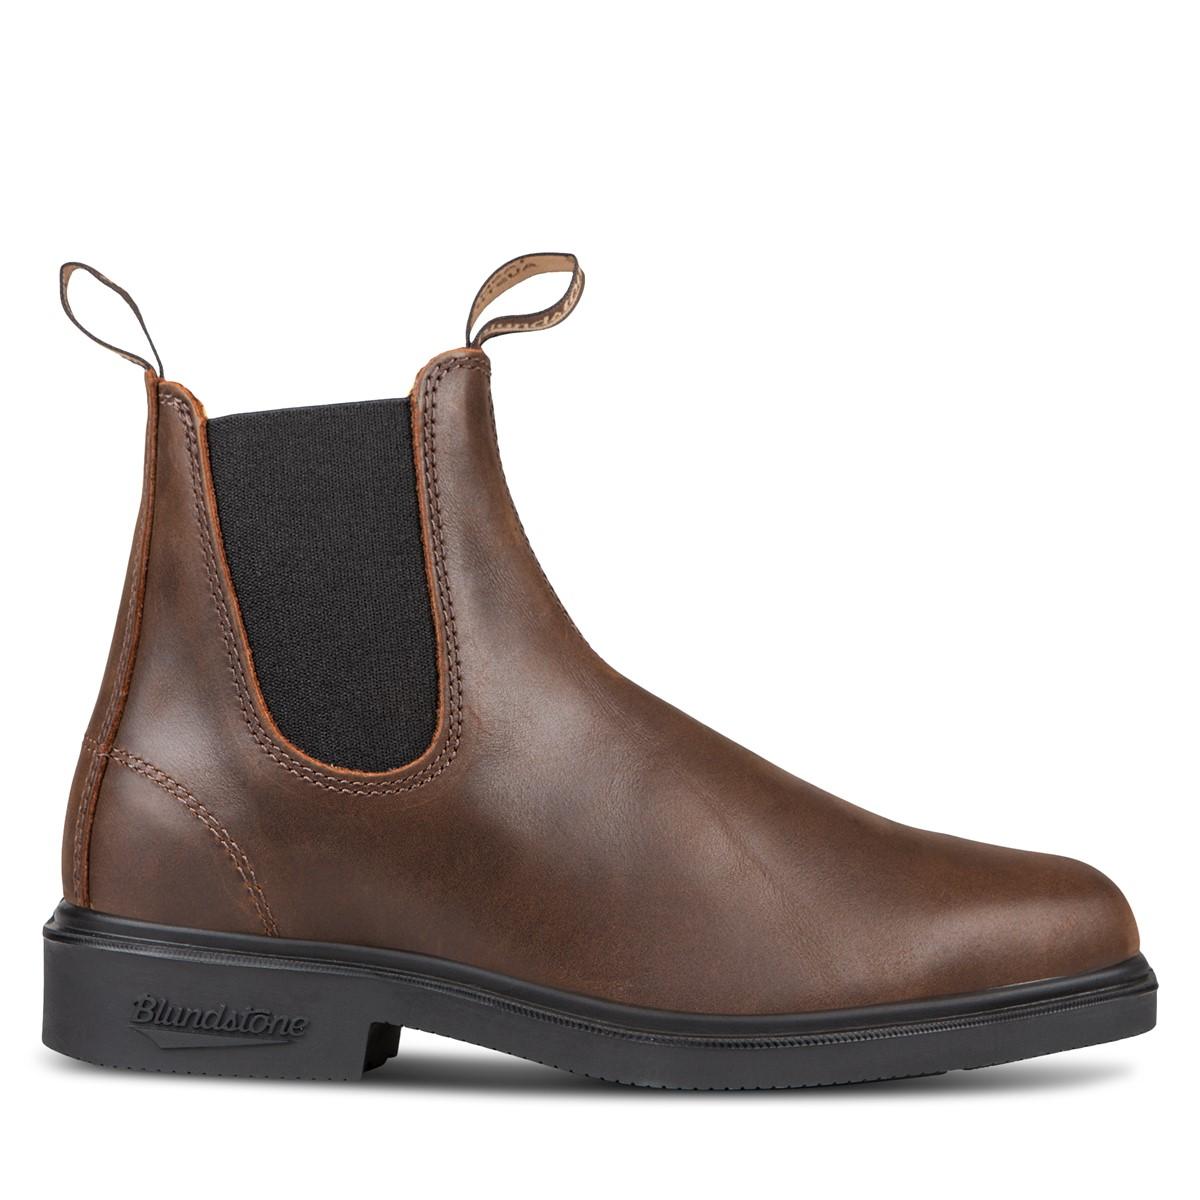 Men's 2029 Chelsea Boots in Rustic Brown